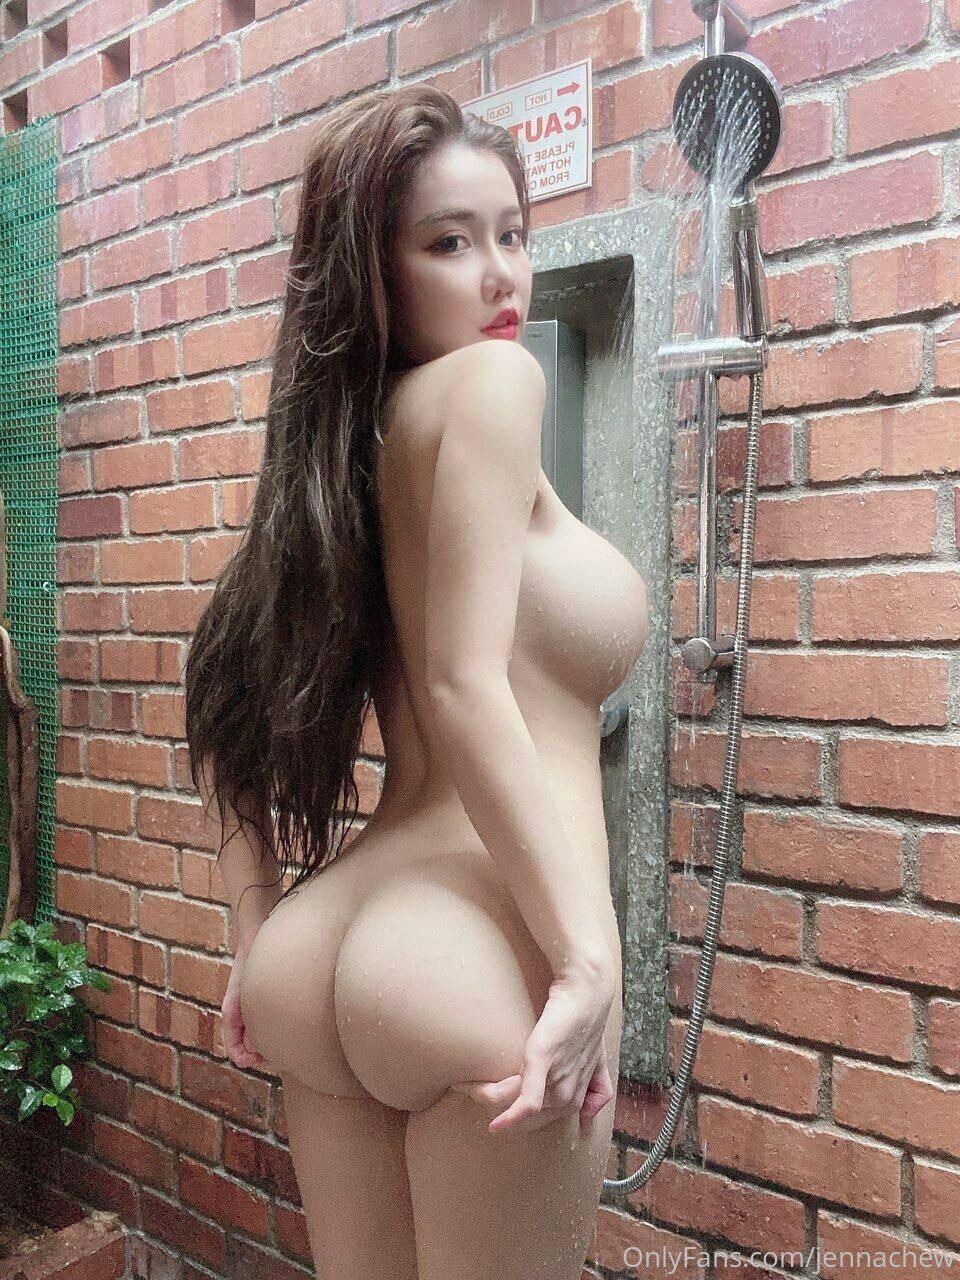 fotos colección de culos, chicas amateurs enseñando el culo